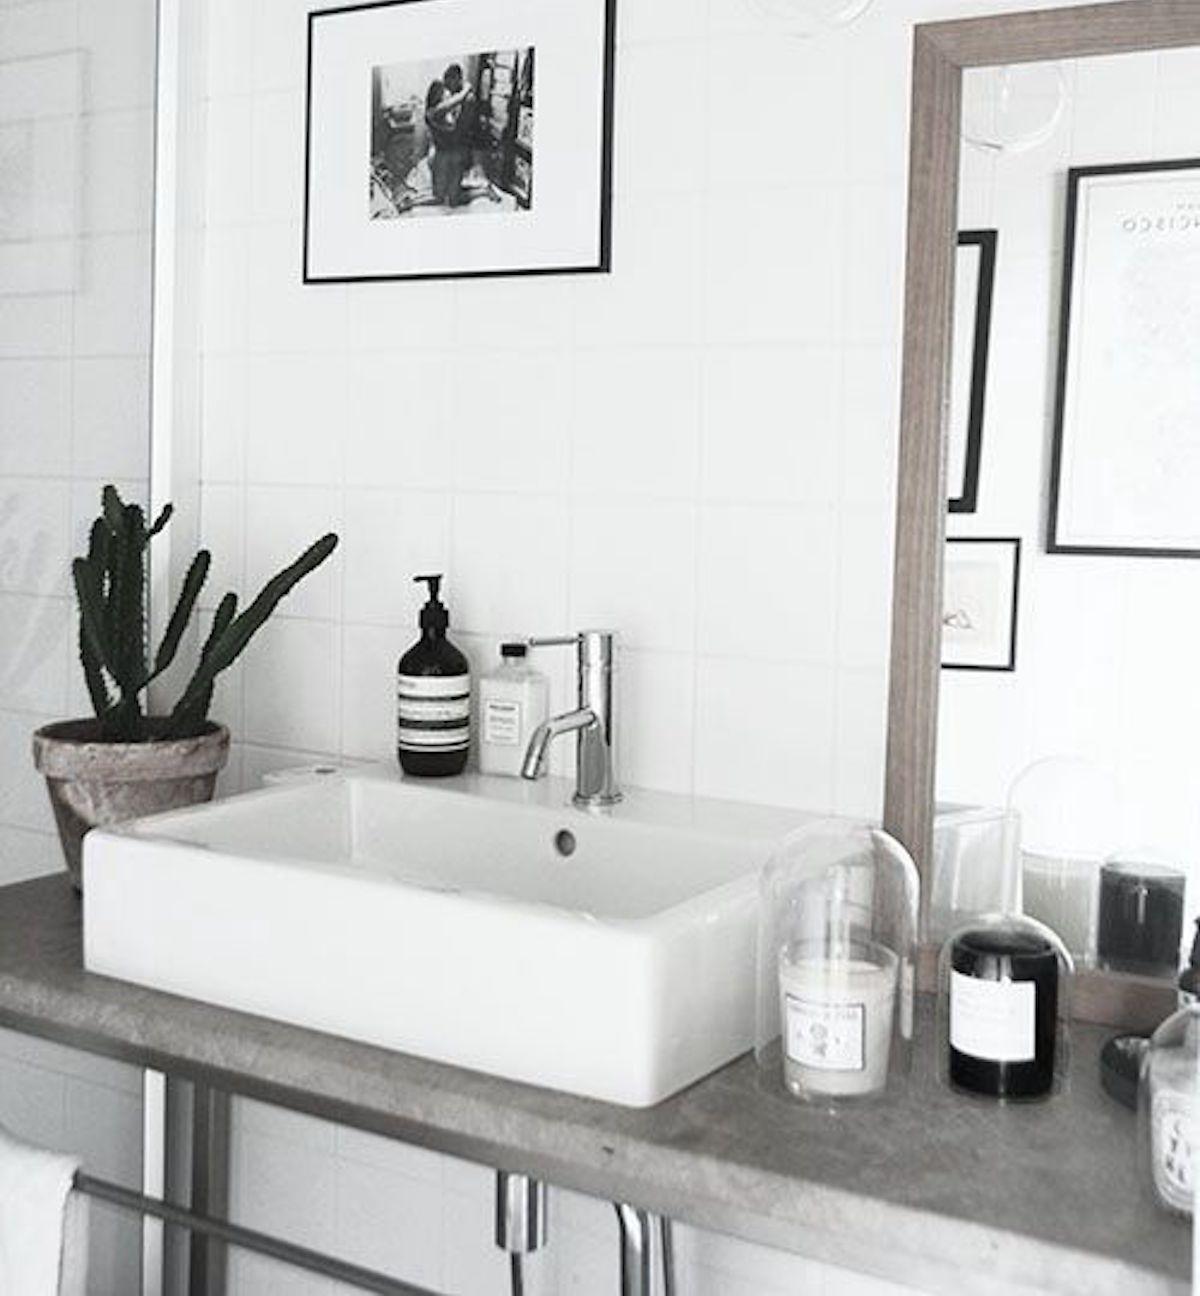 10 consigli per arredare il bagno by TintaCorda